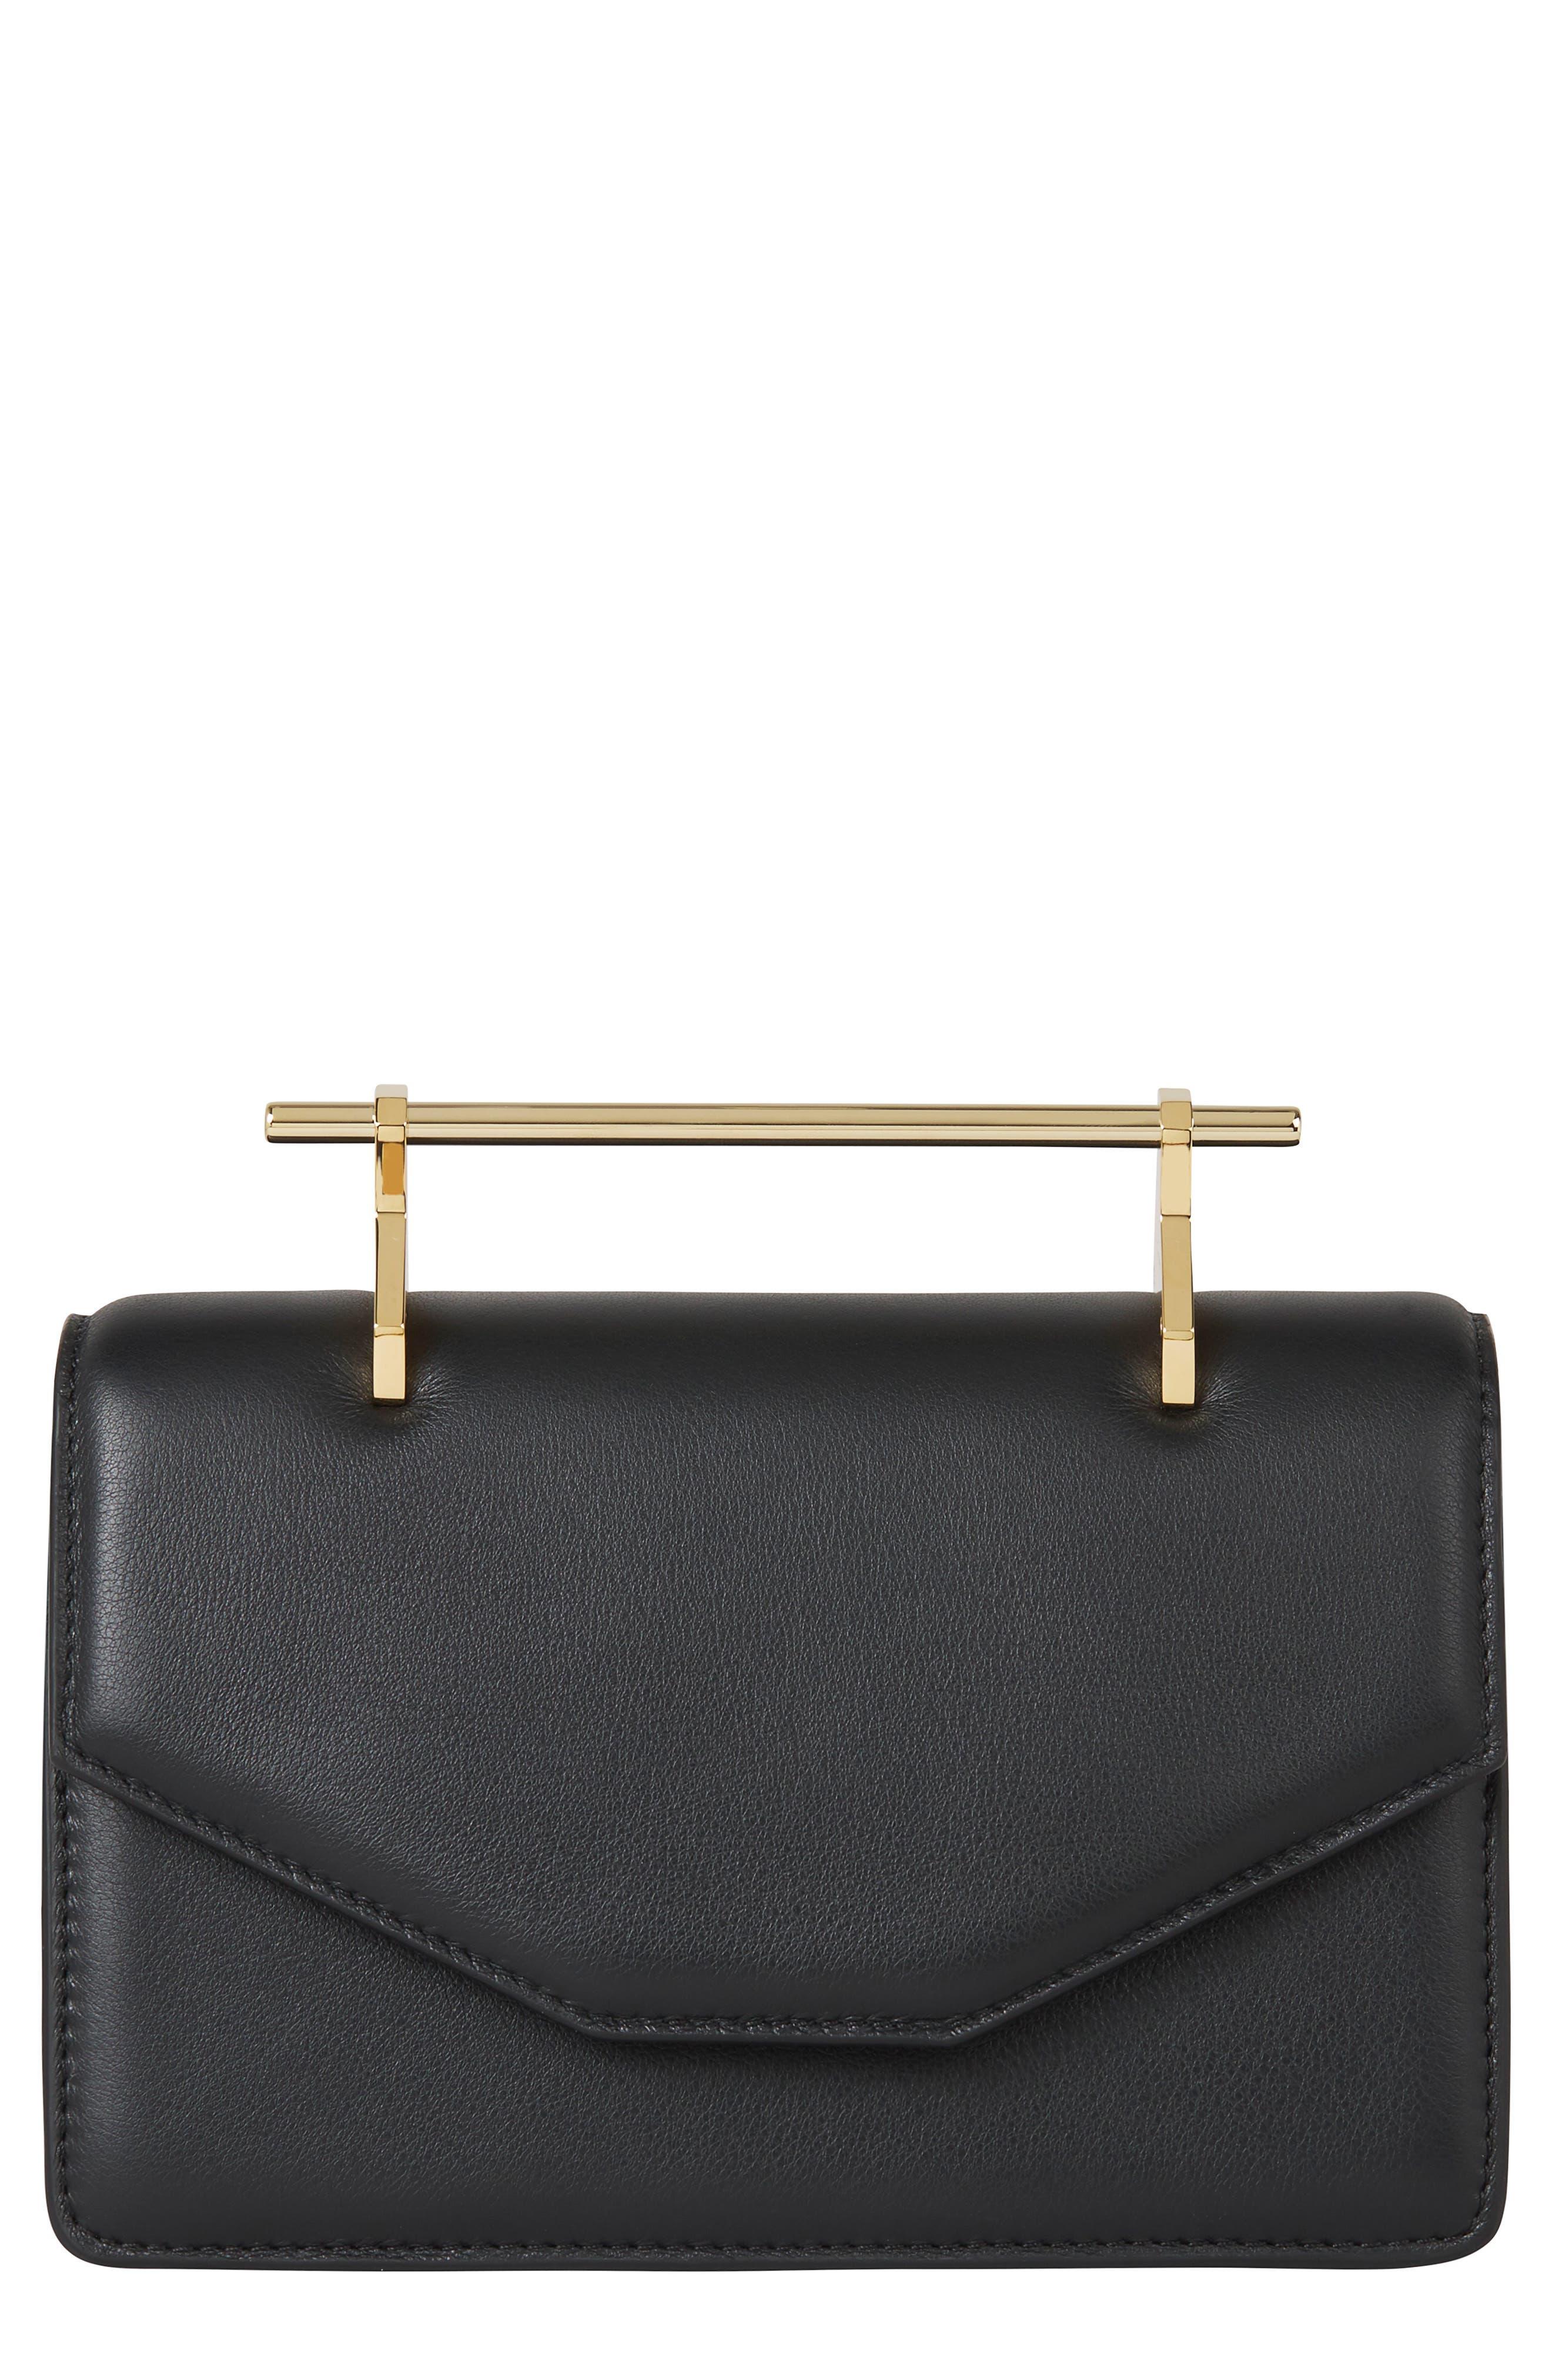 Indre Leather Shoulder Bag,                         Main,                         color, Black/ Gold